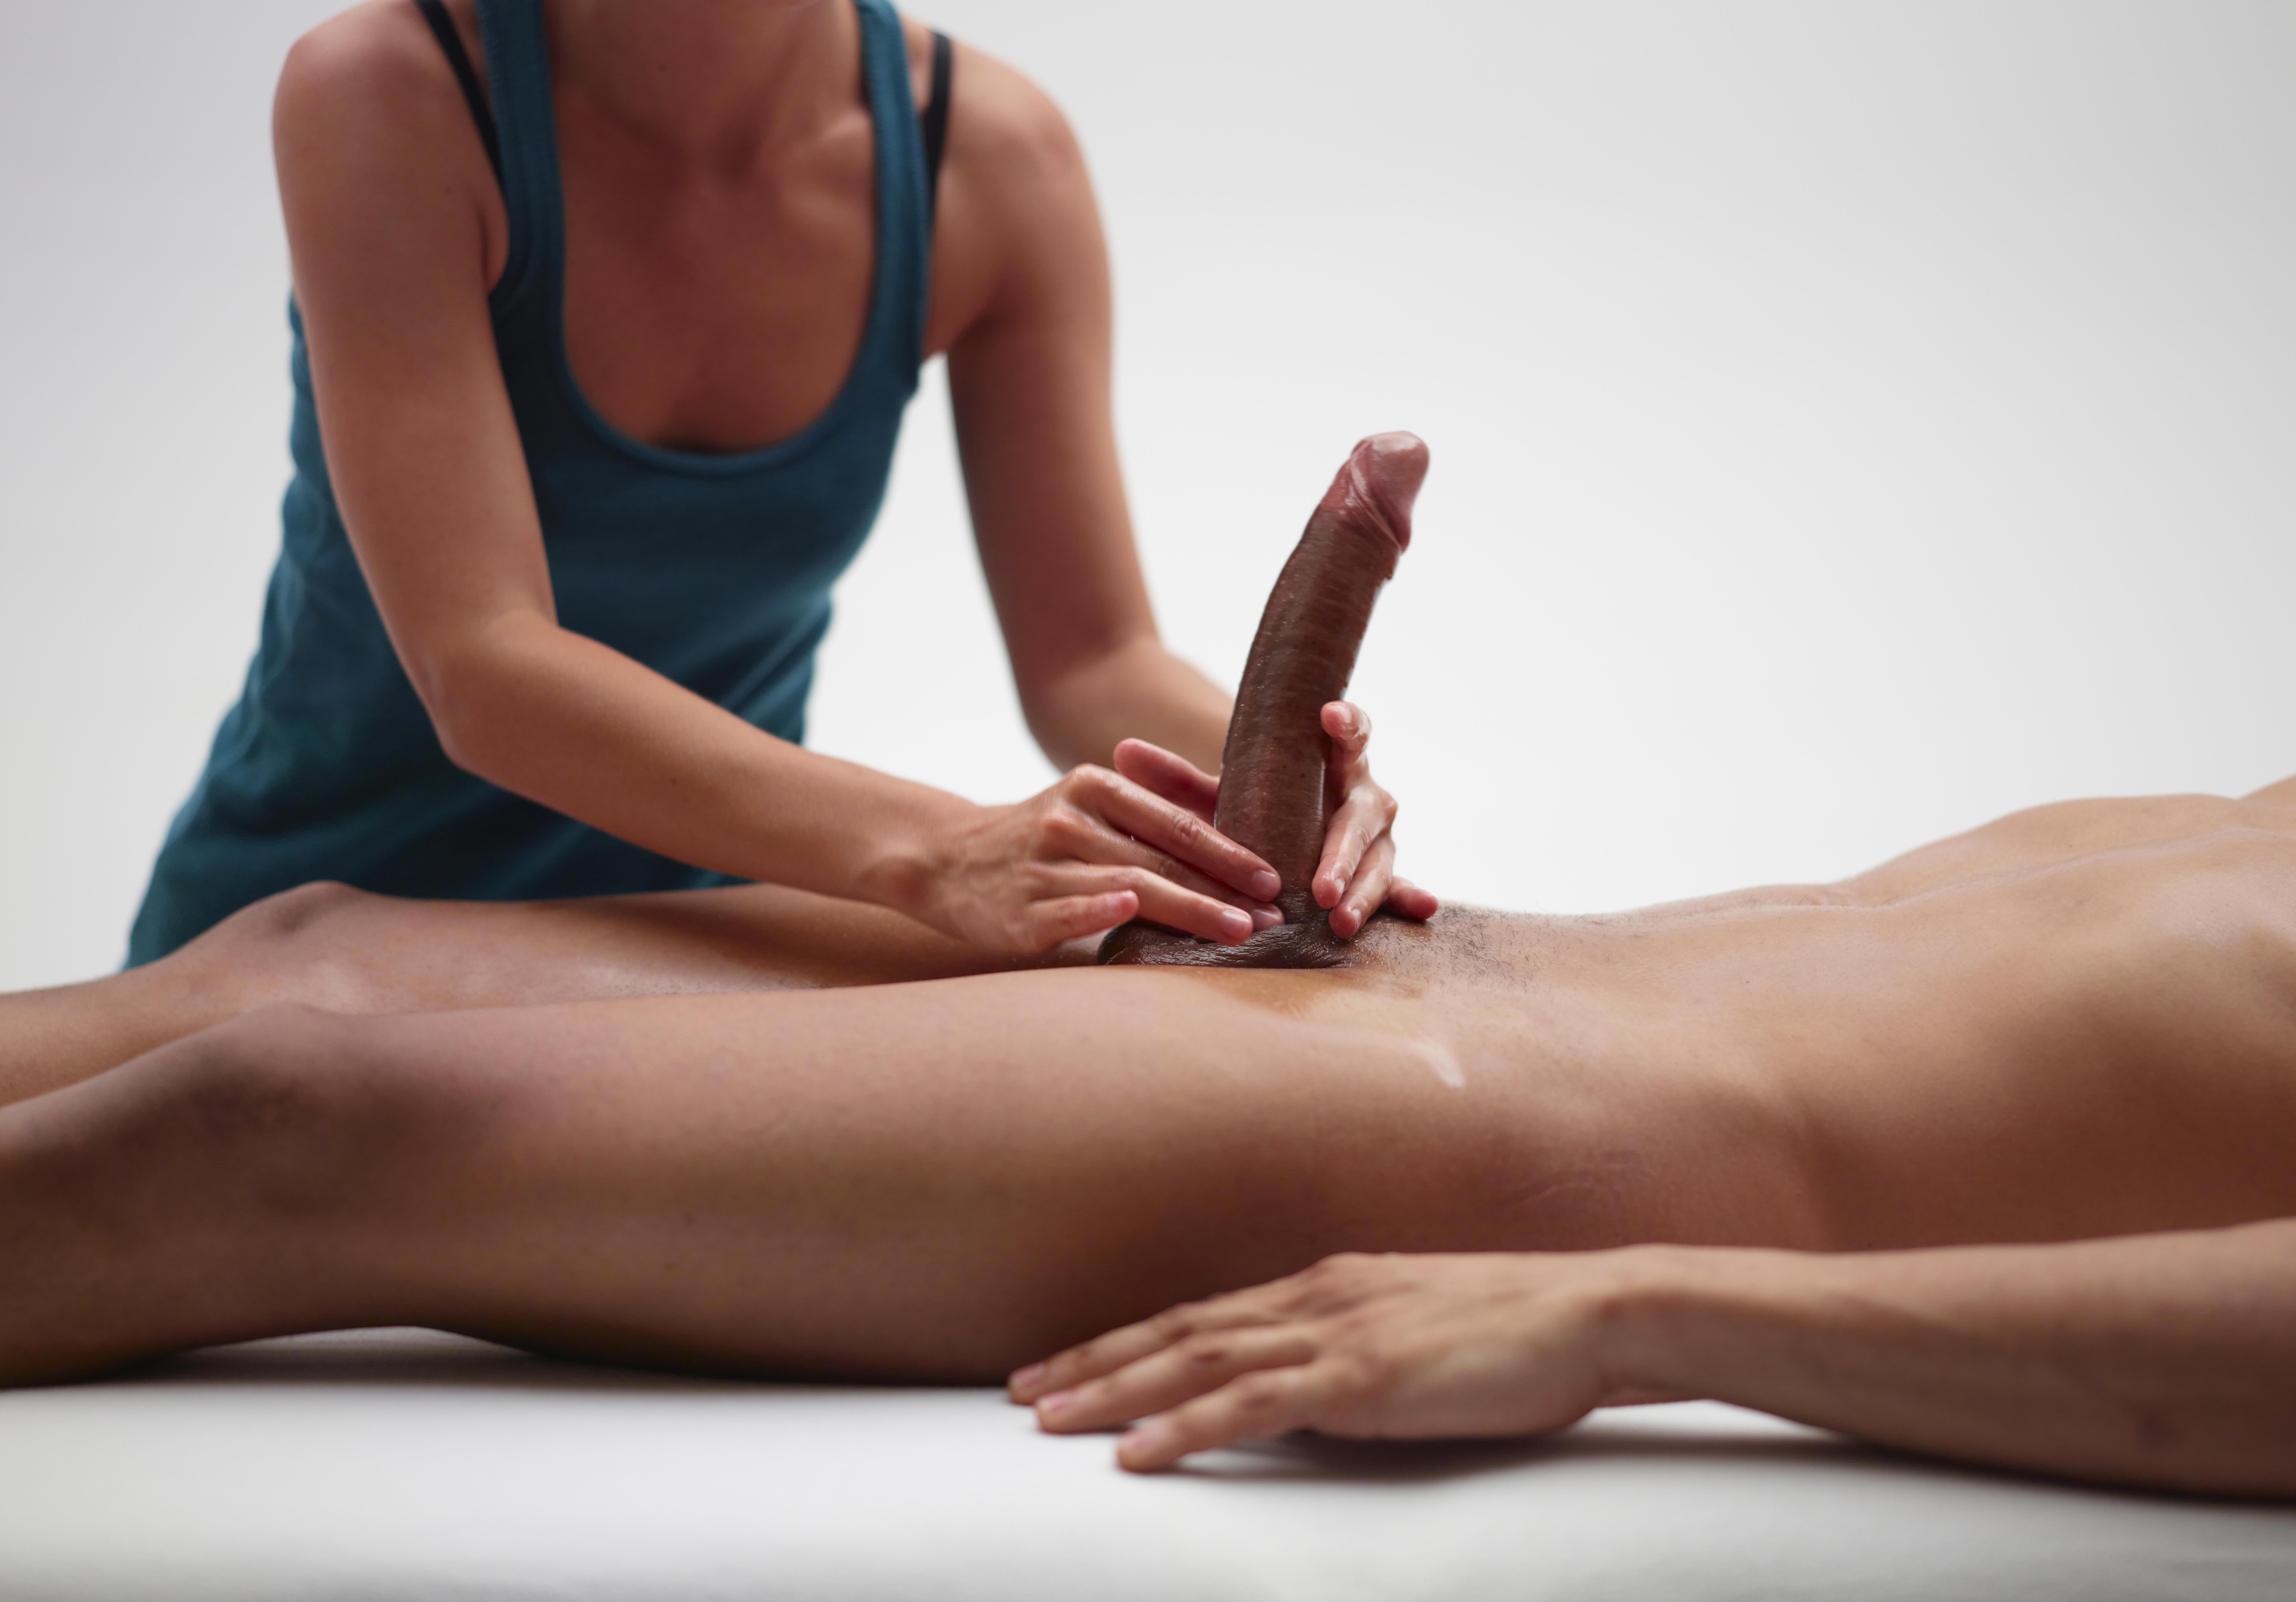 erotic massage parlour avn winner